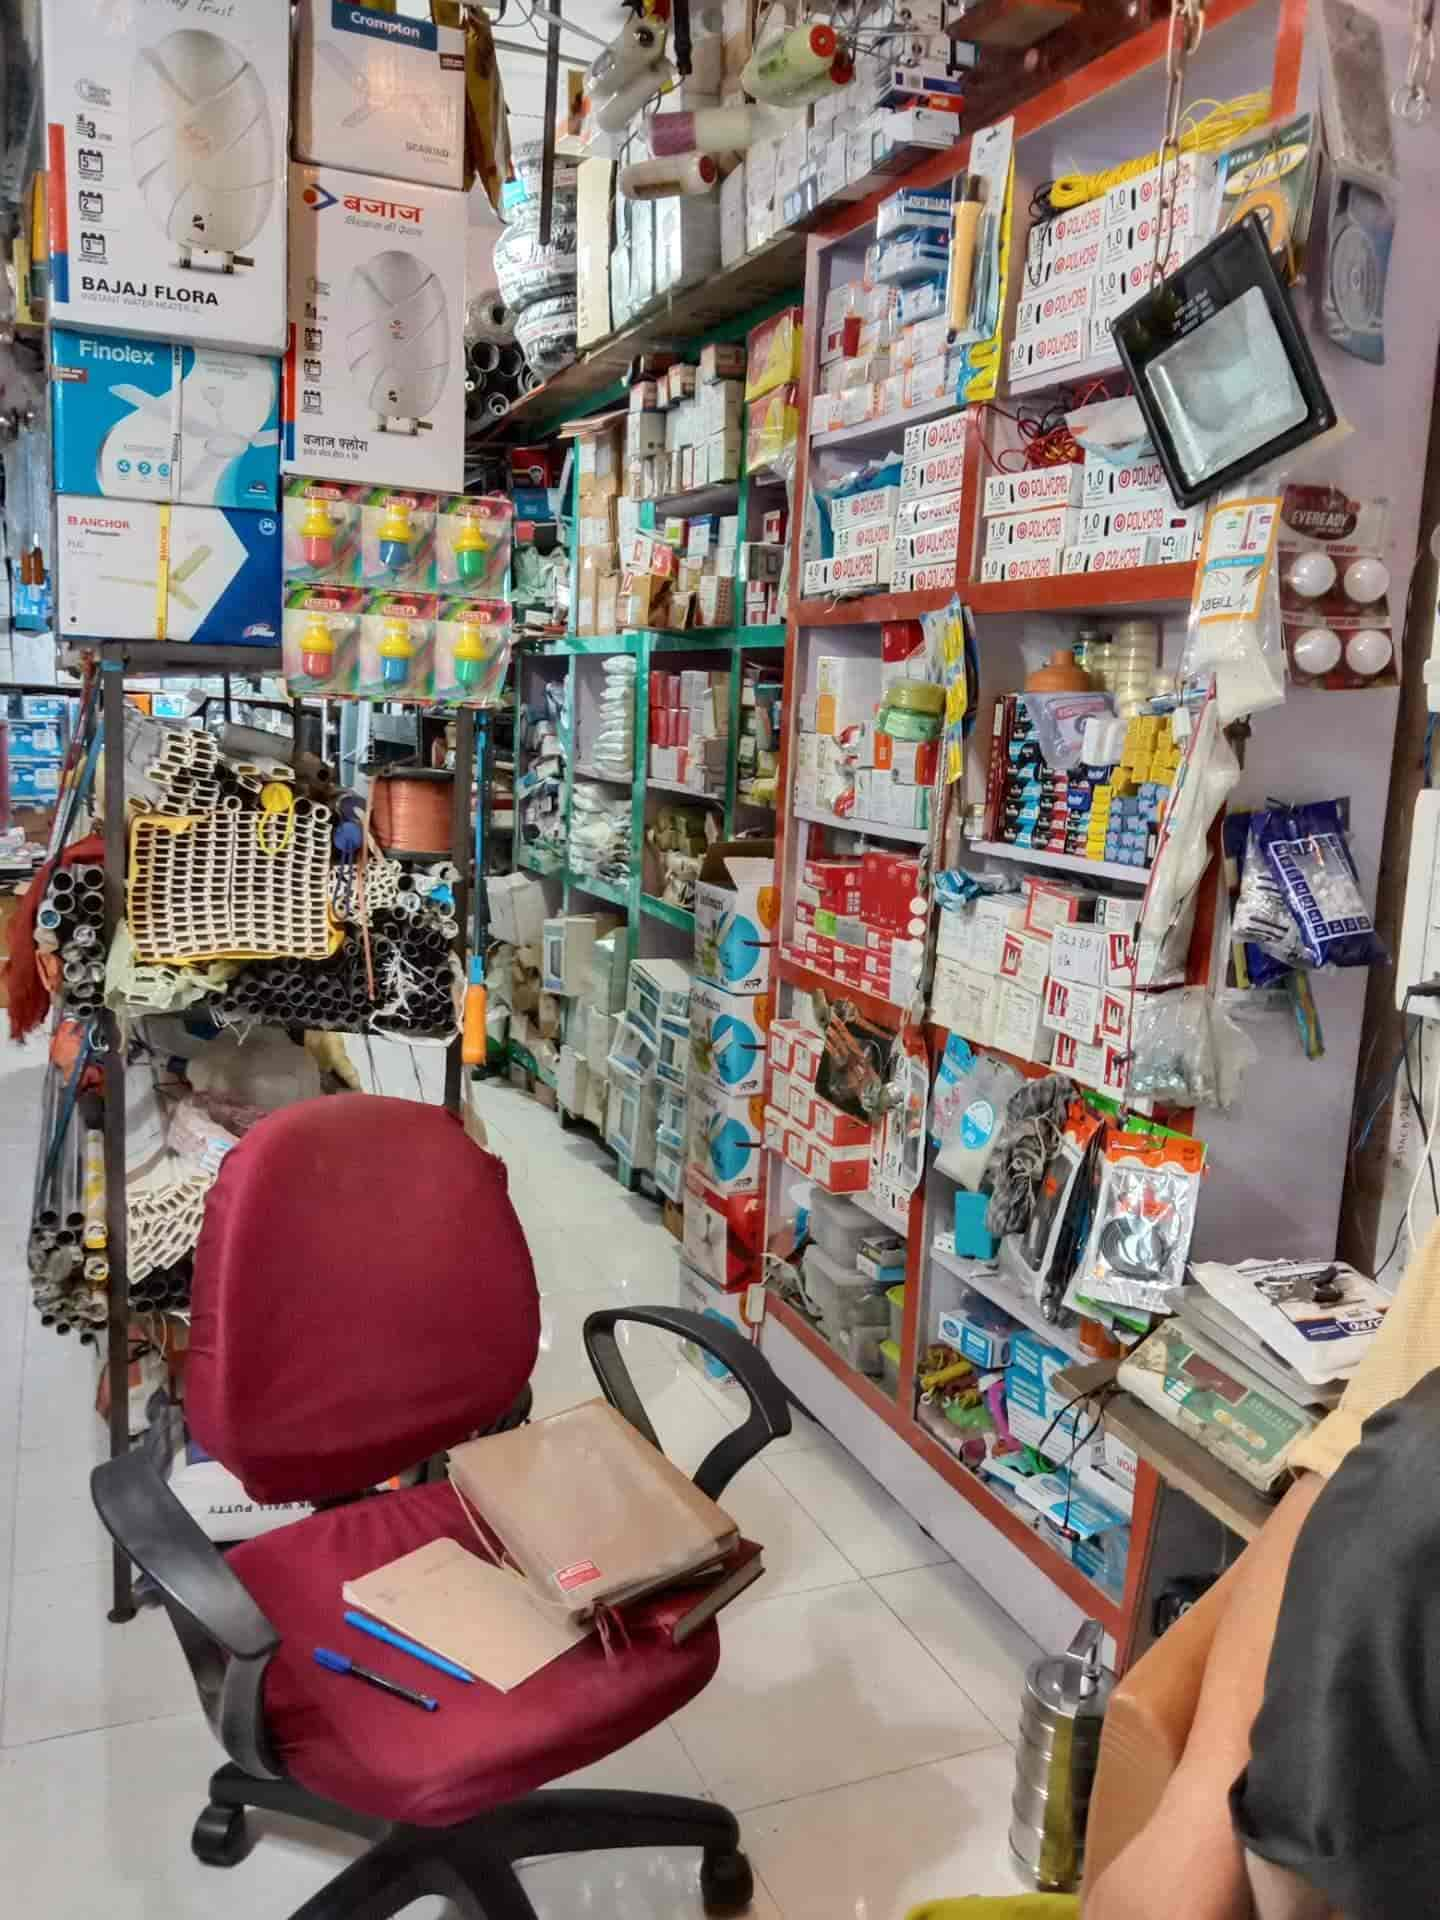 Ashapura Electric & Hardware, Kalyan East - Hardware Shops in Thane